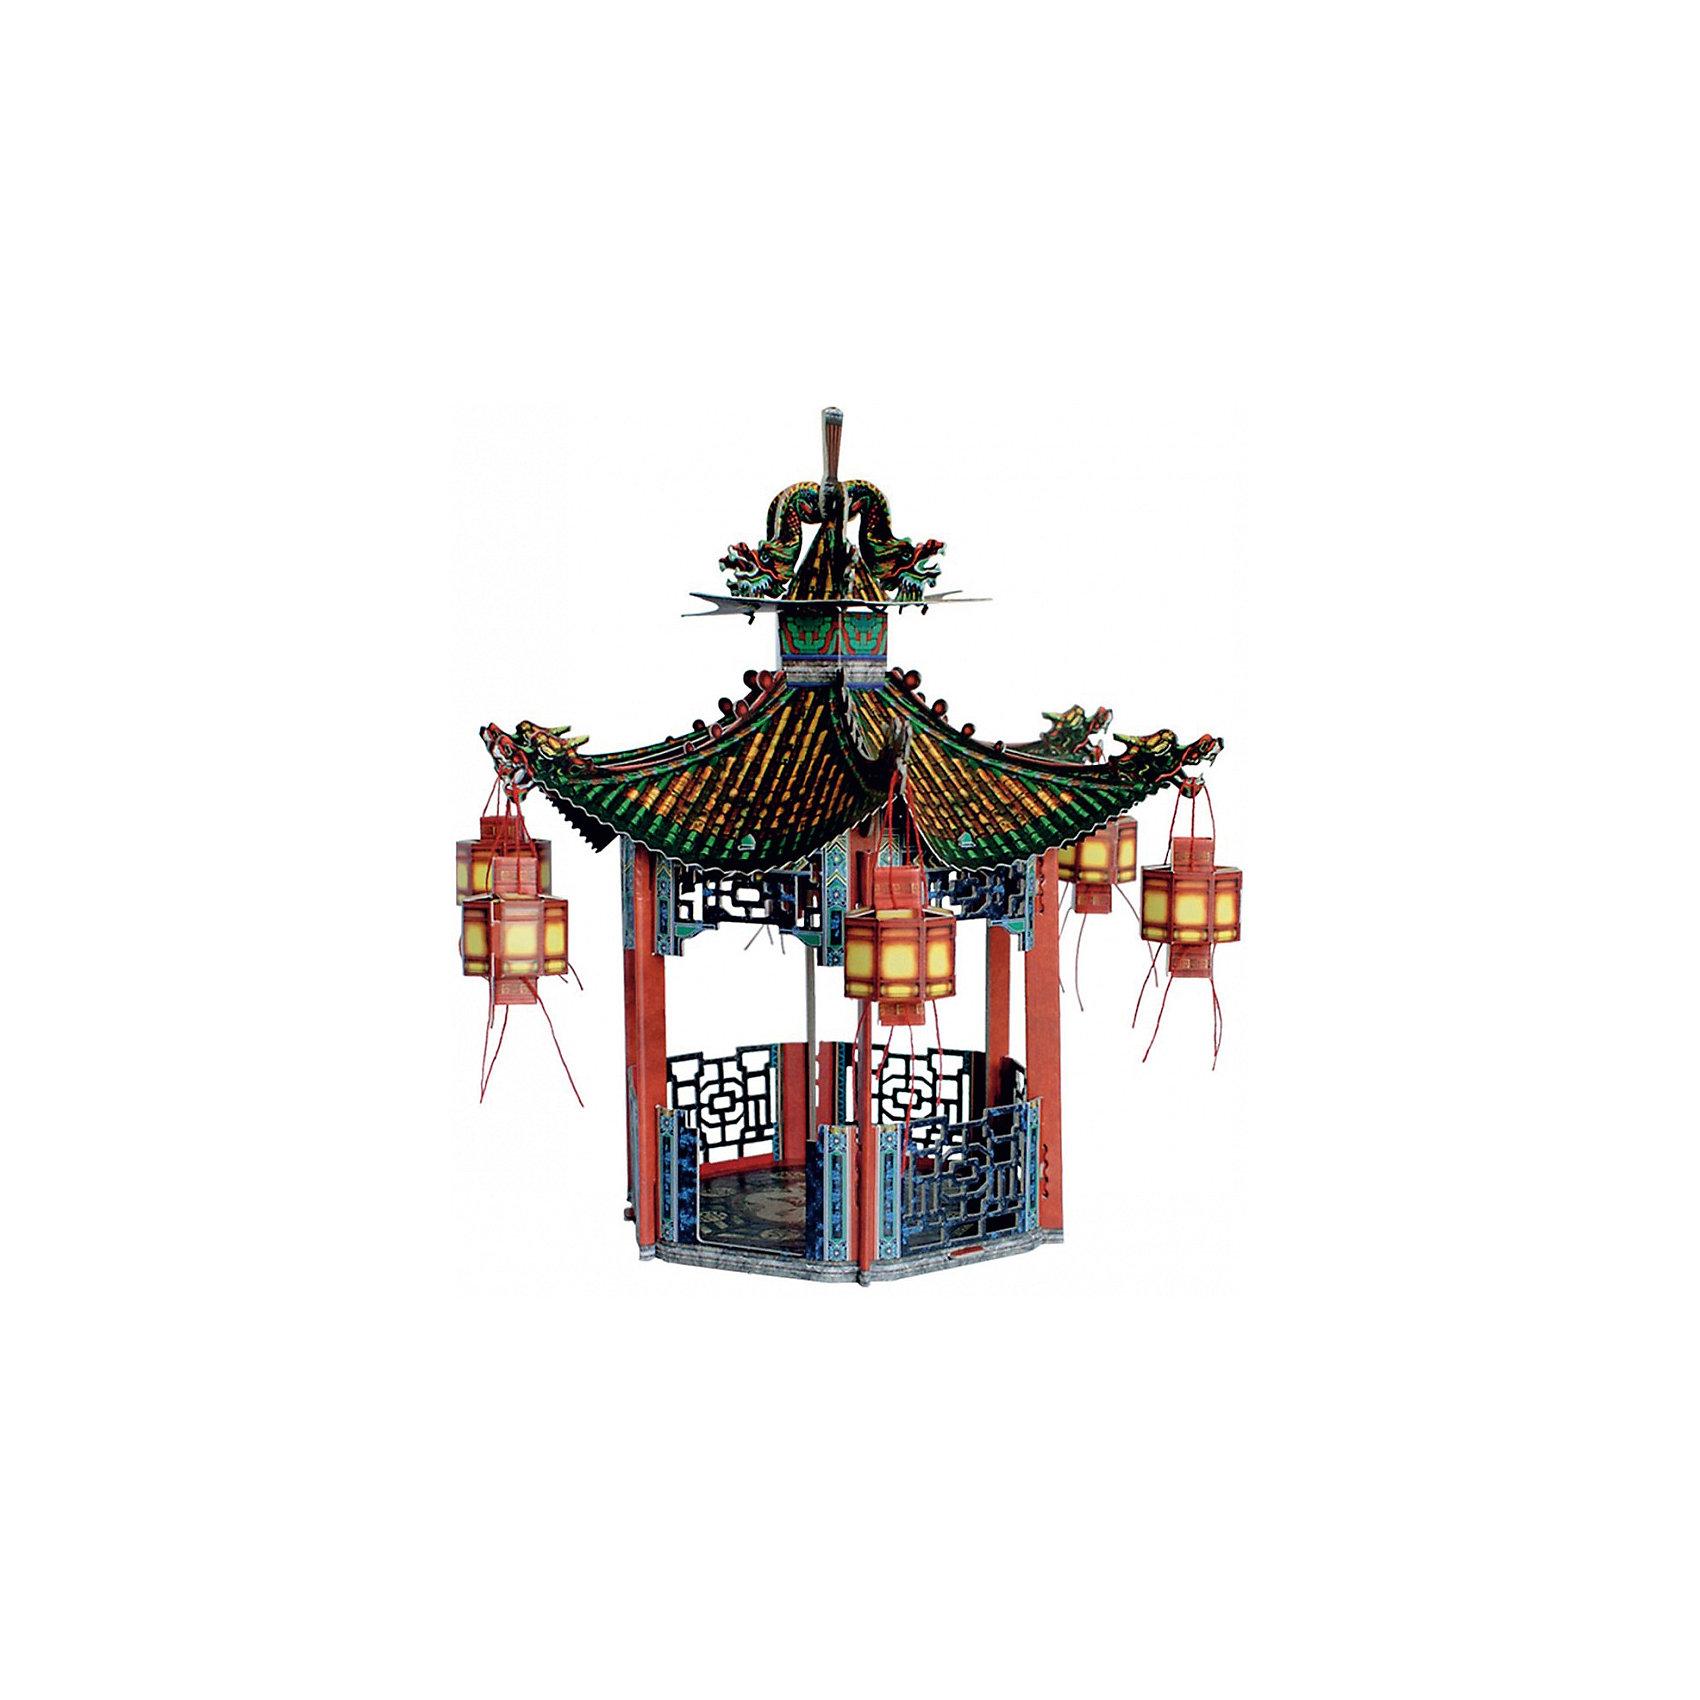 Сборная модель Китайская беседкаКитайская беседка - cборная модель из картона. Размер упаковки, мм.:  высота 368 ширина 252 глубина 23. Тип упаковки: Картонная коробка. Вес, гр.: 334. Возраст: от 9 лет. Все модели и игрушки, созданные по технологии УМНАЯ БУМАГА собираются без ножниц и клея, что является их неповторимой особенностью.<br>Принцип соединения деталей запатентован. Соединения деталей продуманы и просчитаны с такой точностью, что при правильной сборке с моделью можно играть, как с обычной игрушкой.<br><br>Ширина мм: 252<br>Глубина мм: 23<br>Высота мм: 368<br>Вес г: 334<br>Возраст от месяцев: 108<br>Возраст до месяцев: 2147483647<br>Пол: Унисекс<br>Возраст: Детский<br>SKU: 4807407